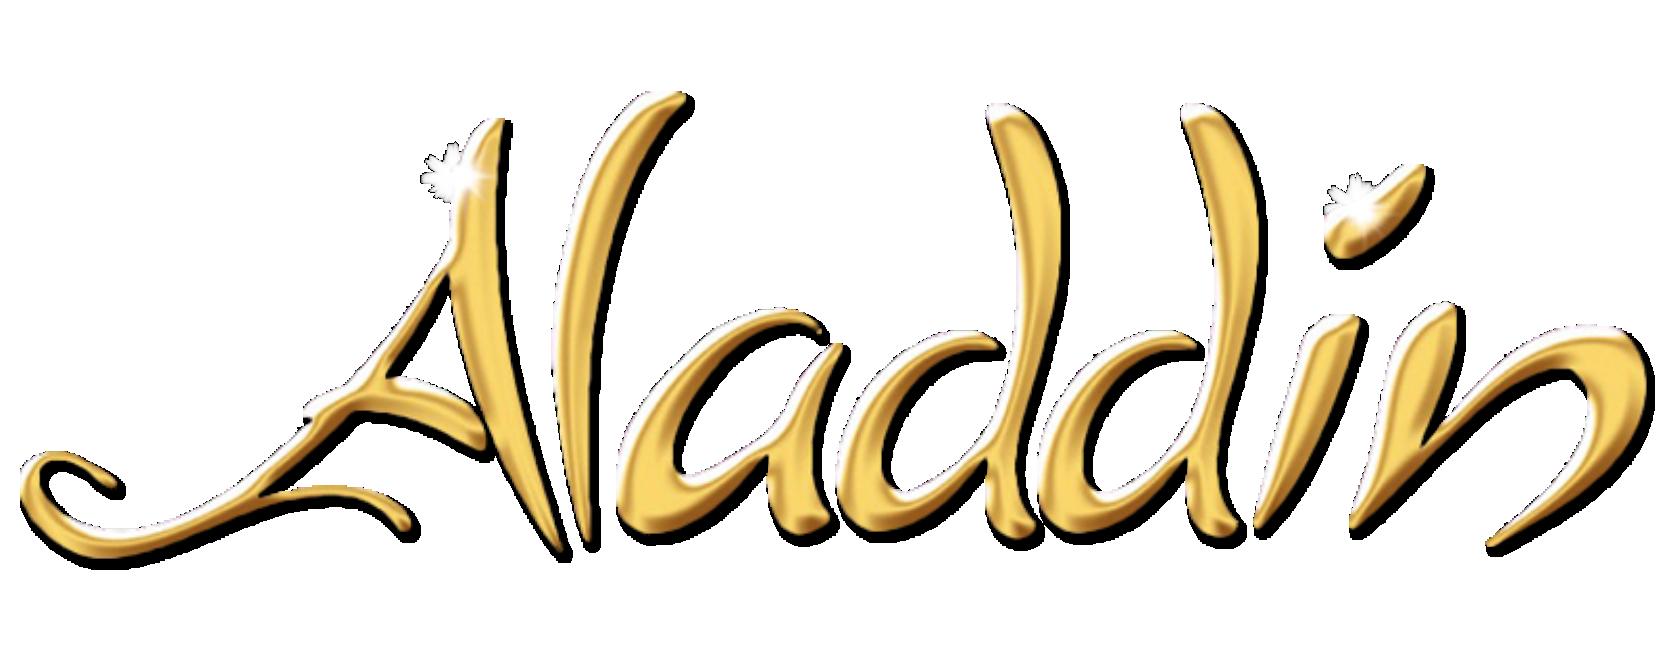 Resultado de imagem para aladdin logo